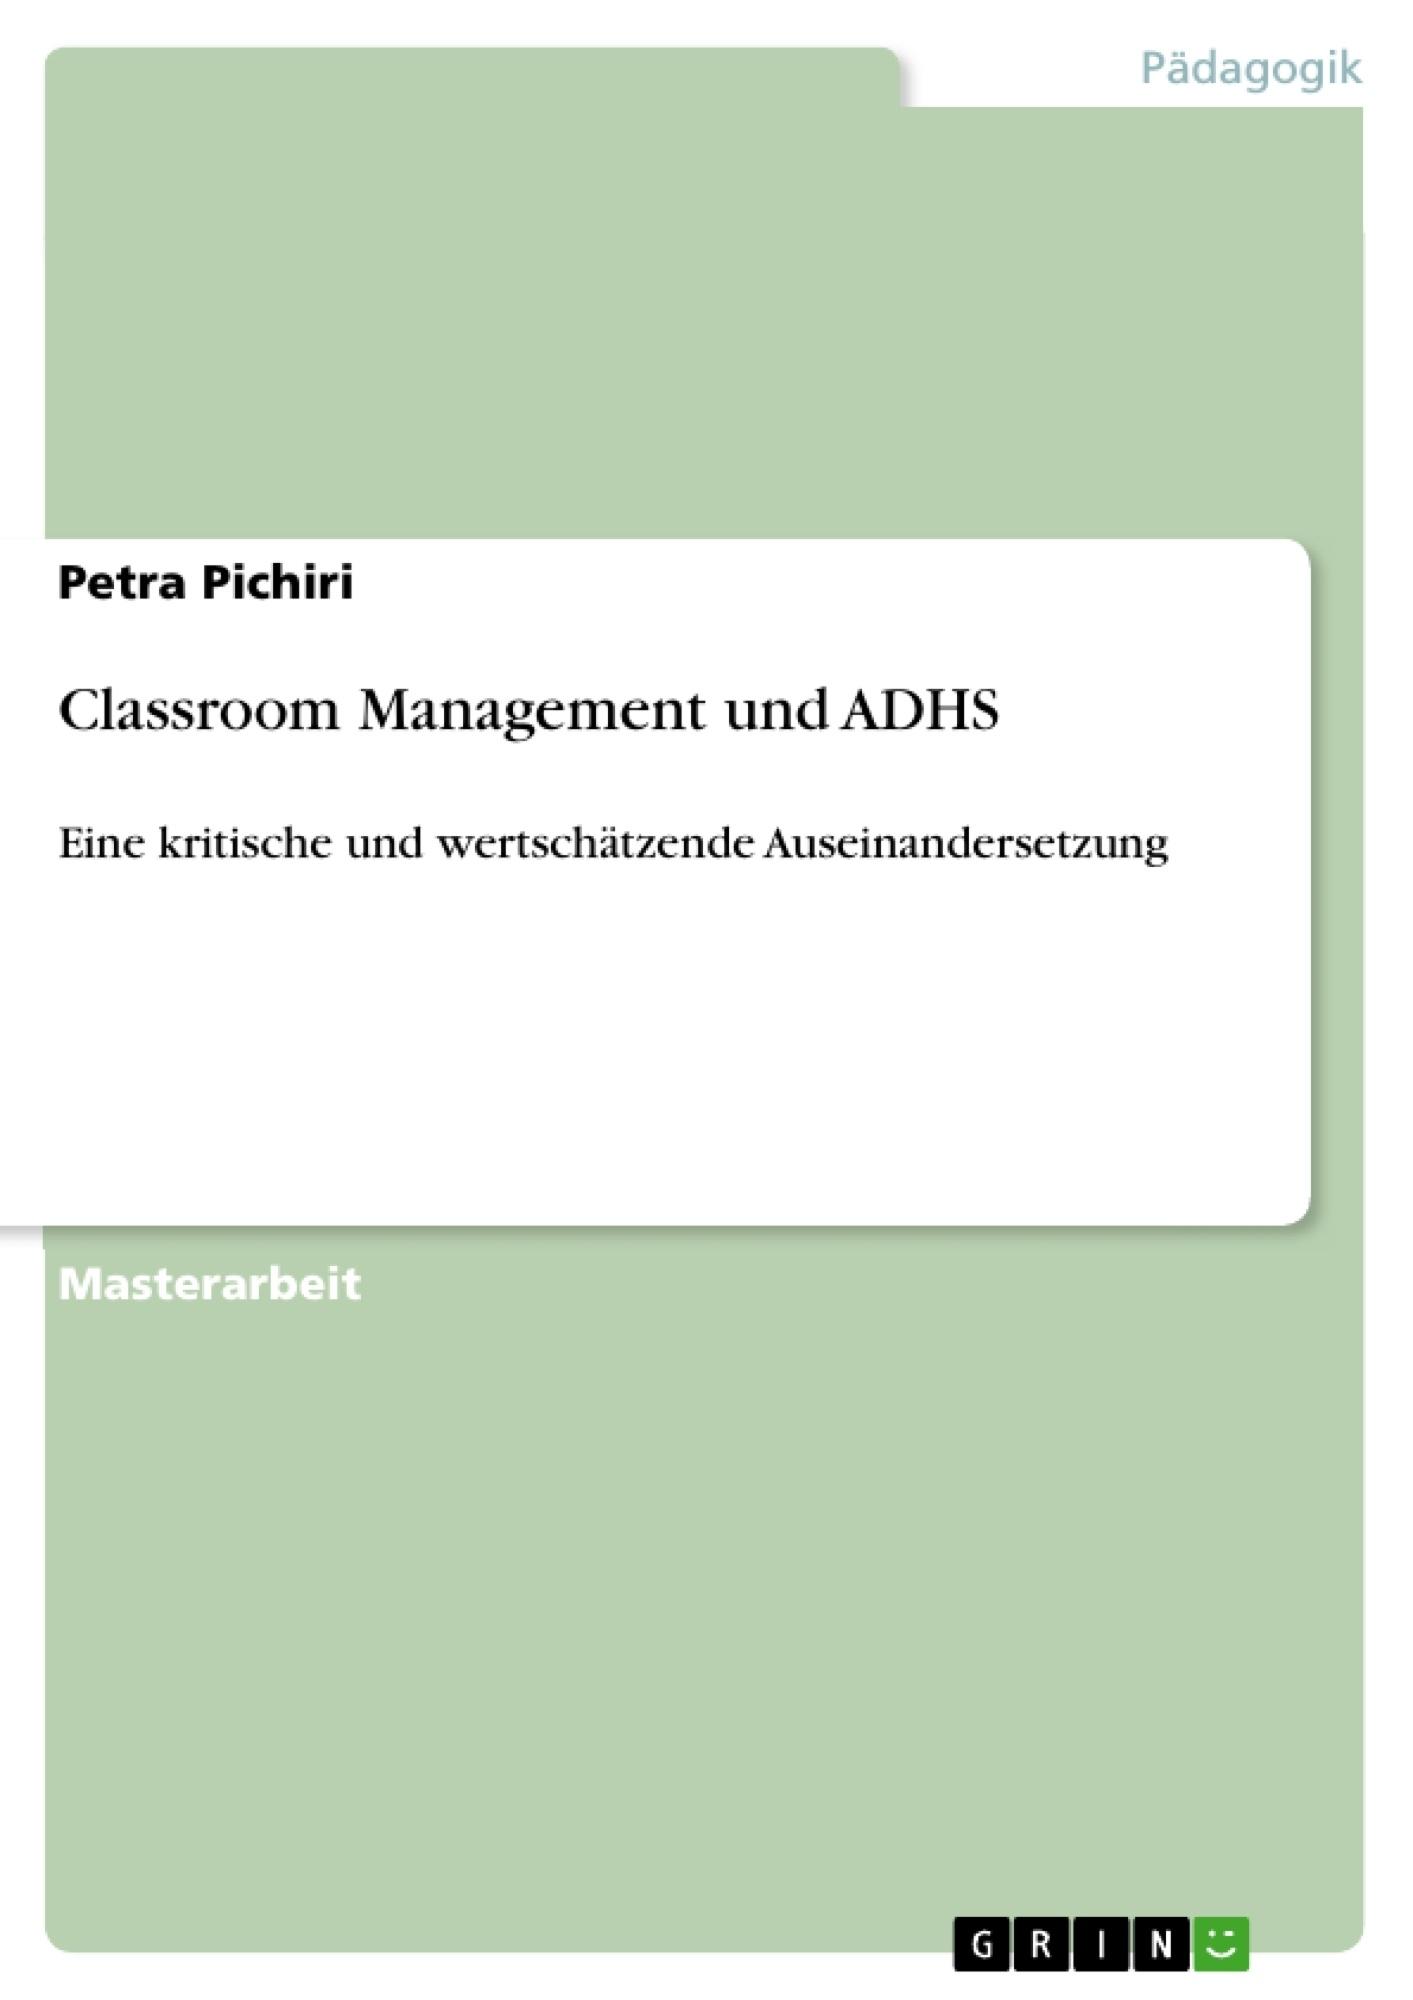 Titel: Classroom Management und ADHS